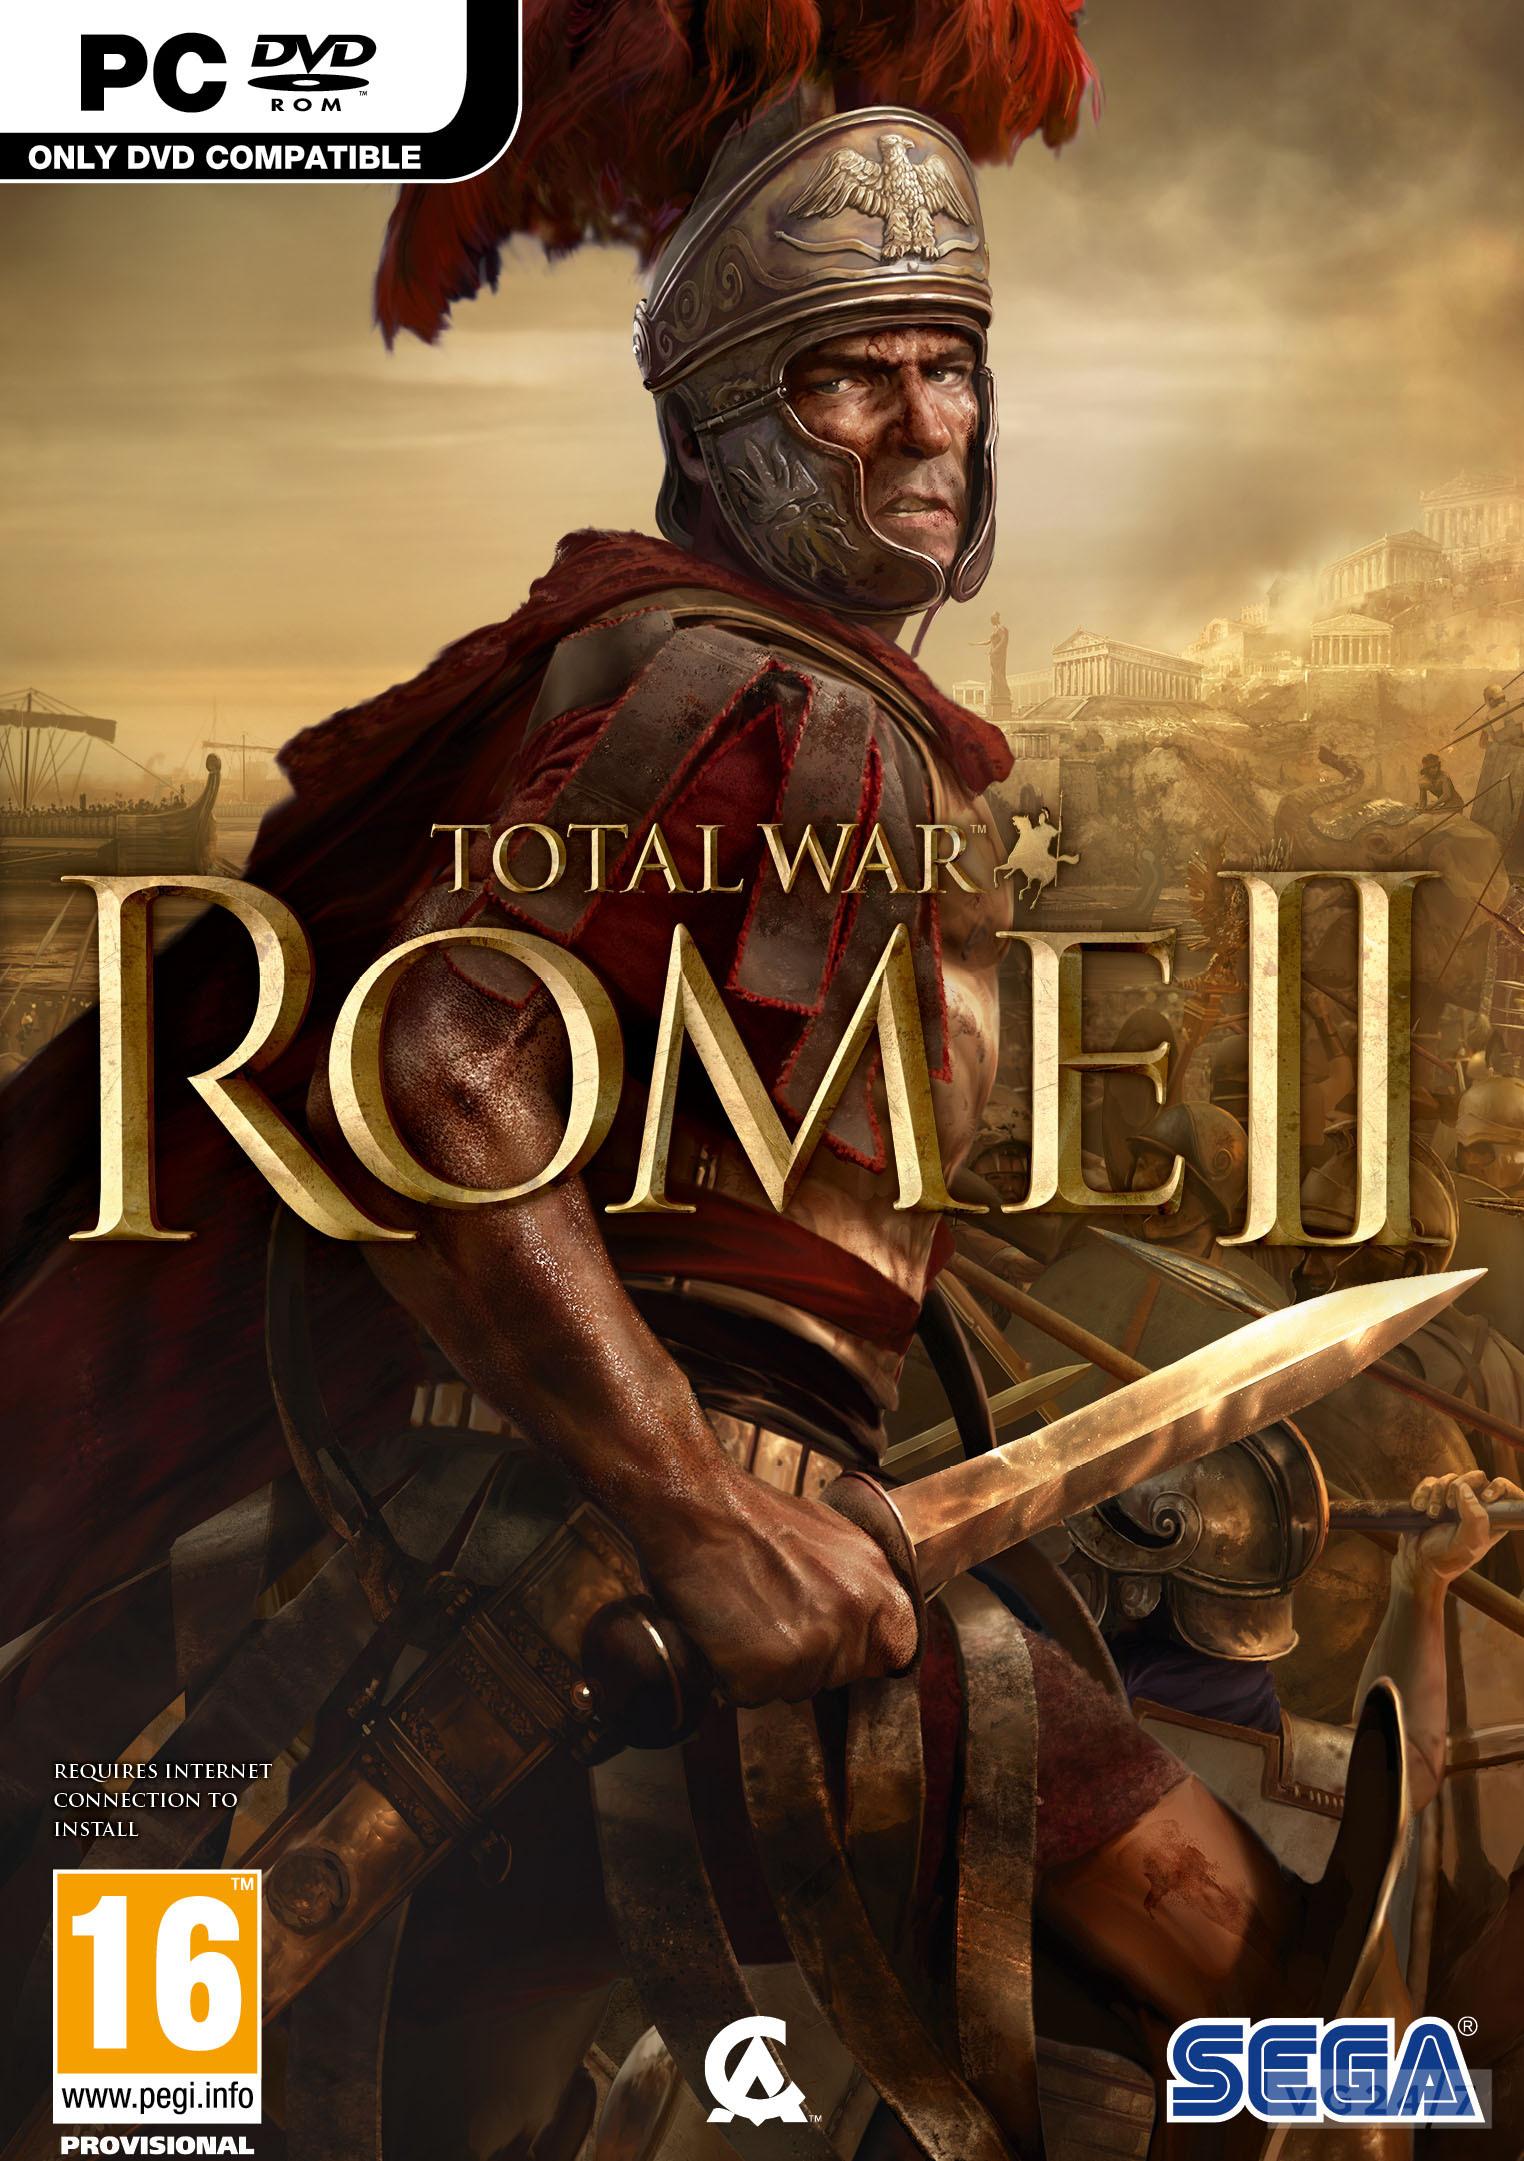 Total War: Rome II pc dvd-ის სურათის შედეგი